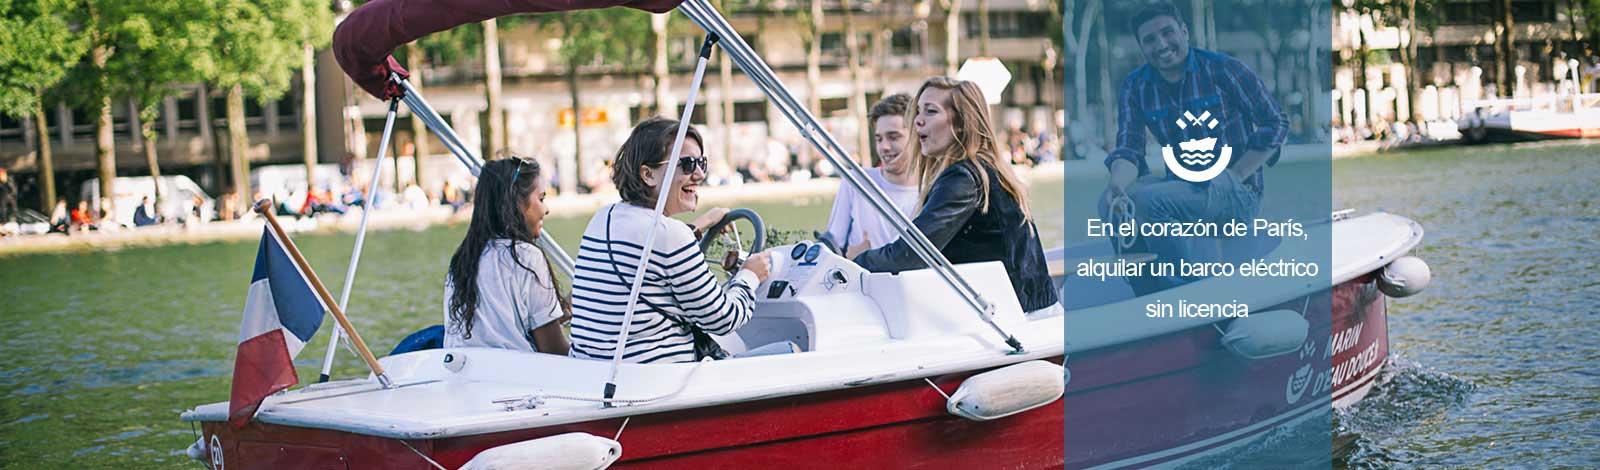 Amigos en un barco